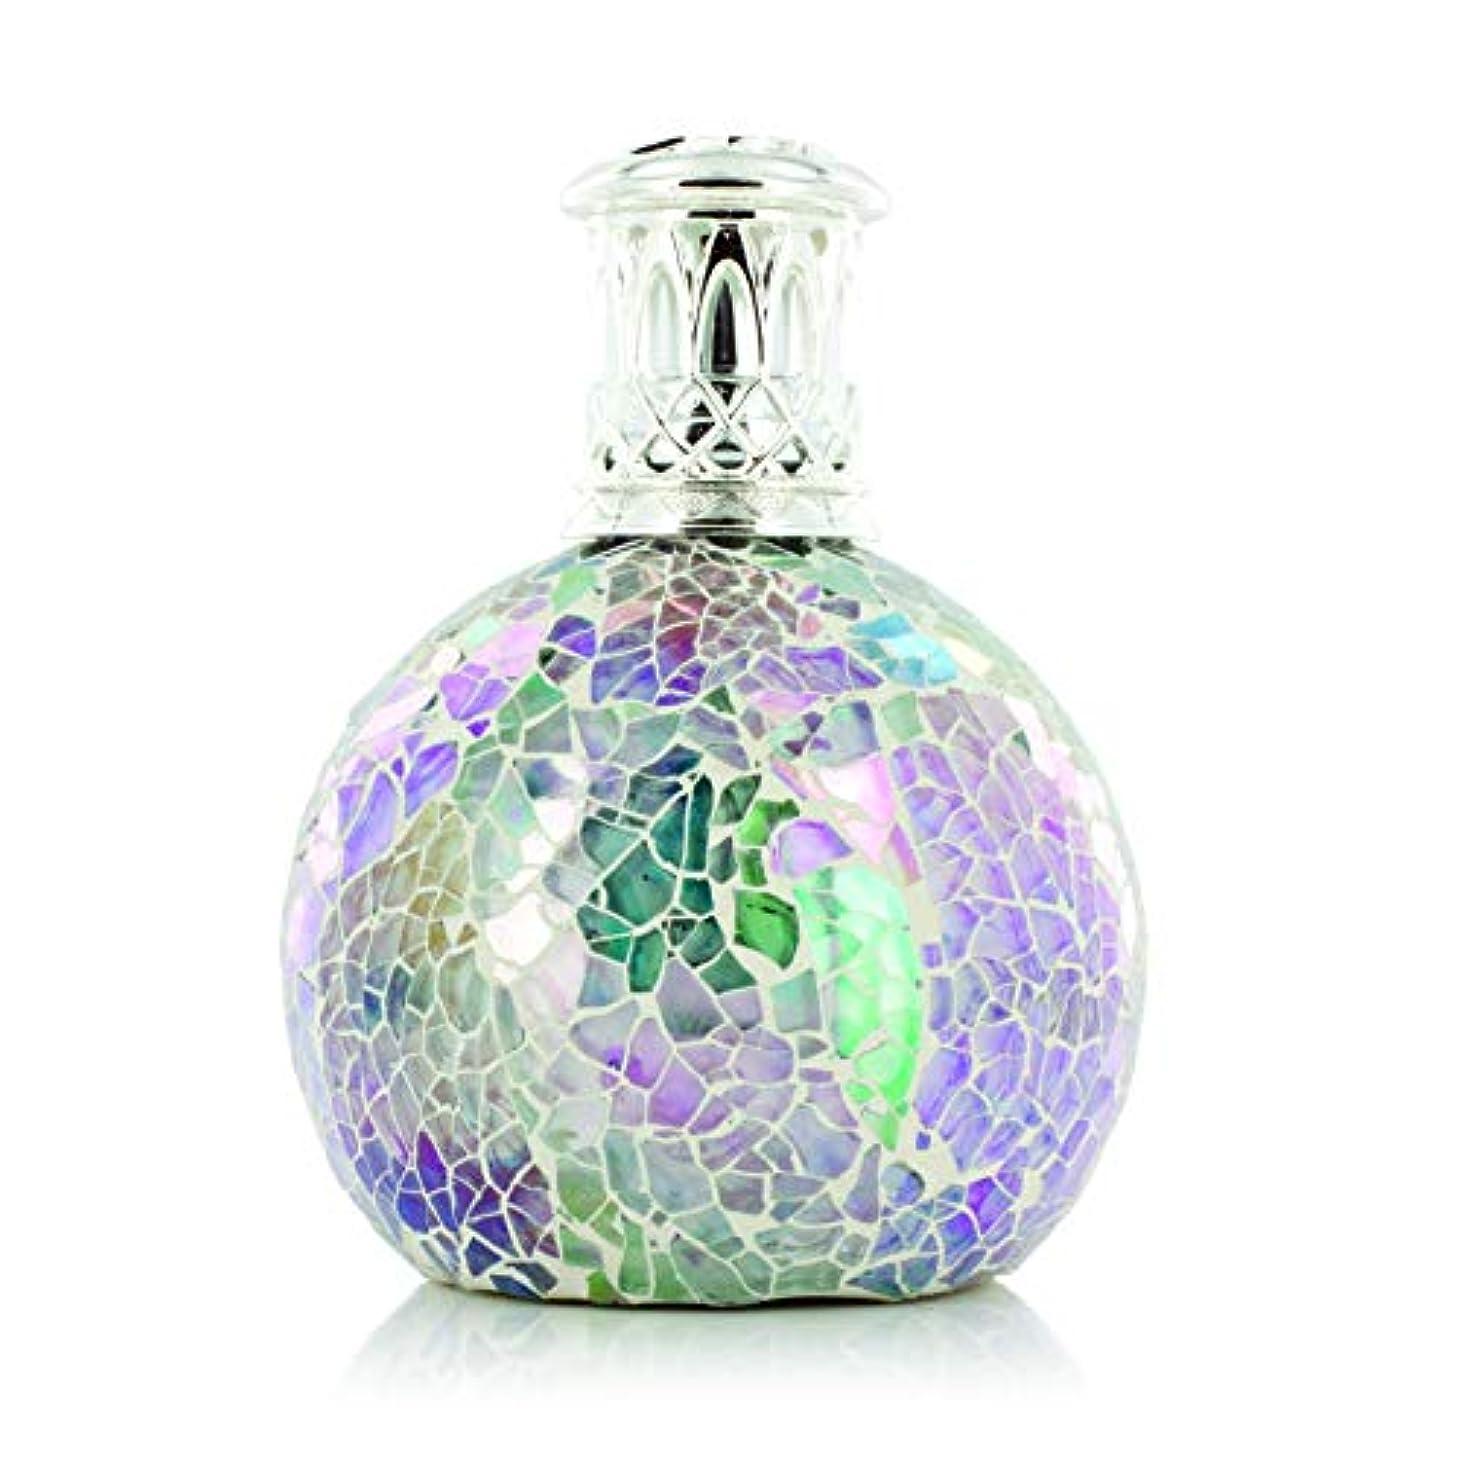 クリーム汗レプリカAshleigh&Burwood フレグランスランプ S フェアリーボール FragranceLamps sizeS FairyBall アシュレイ&バーウッド